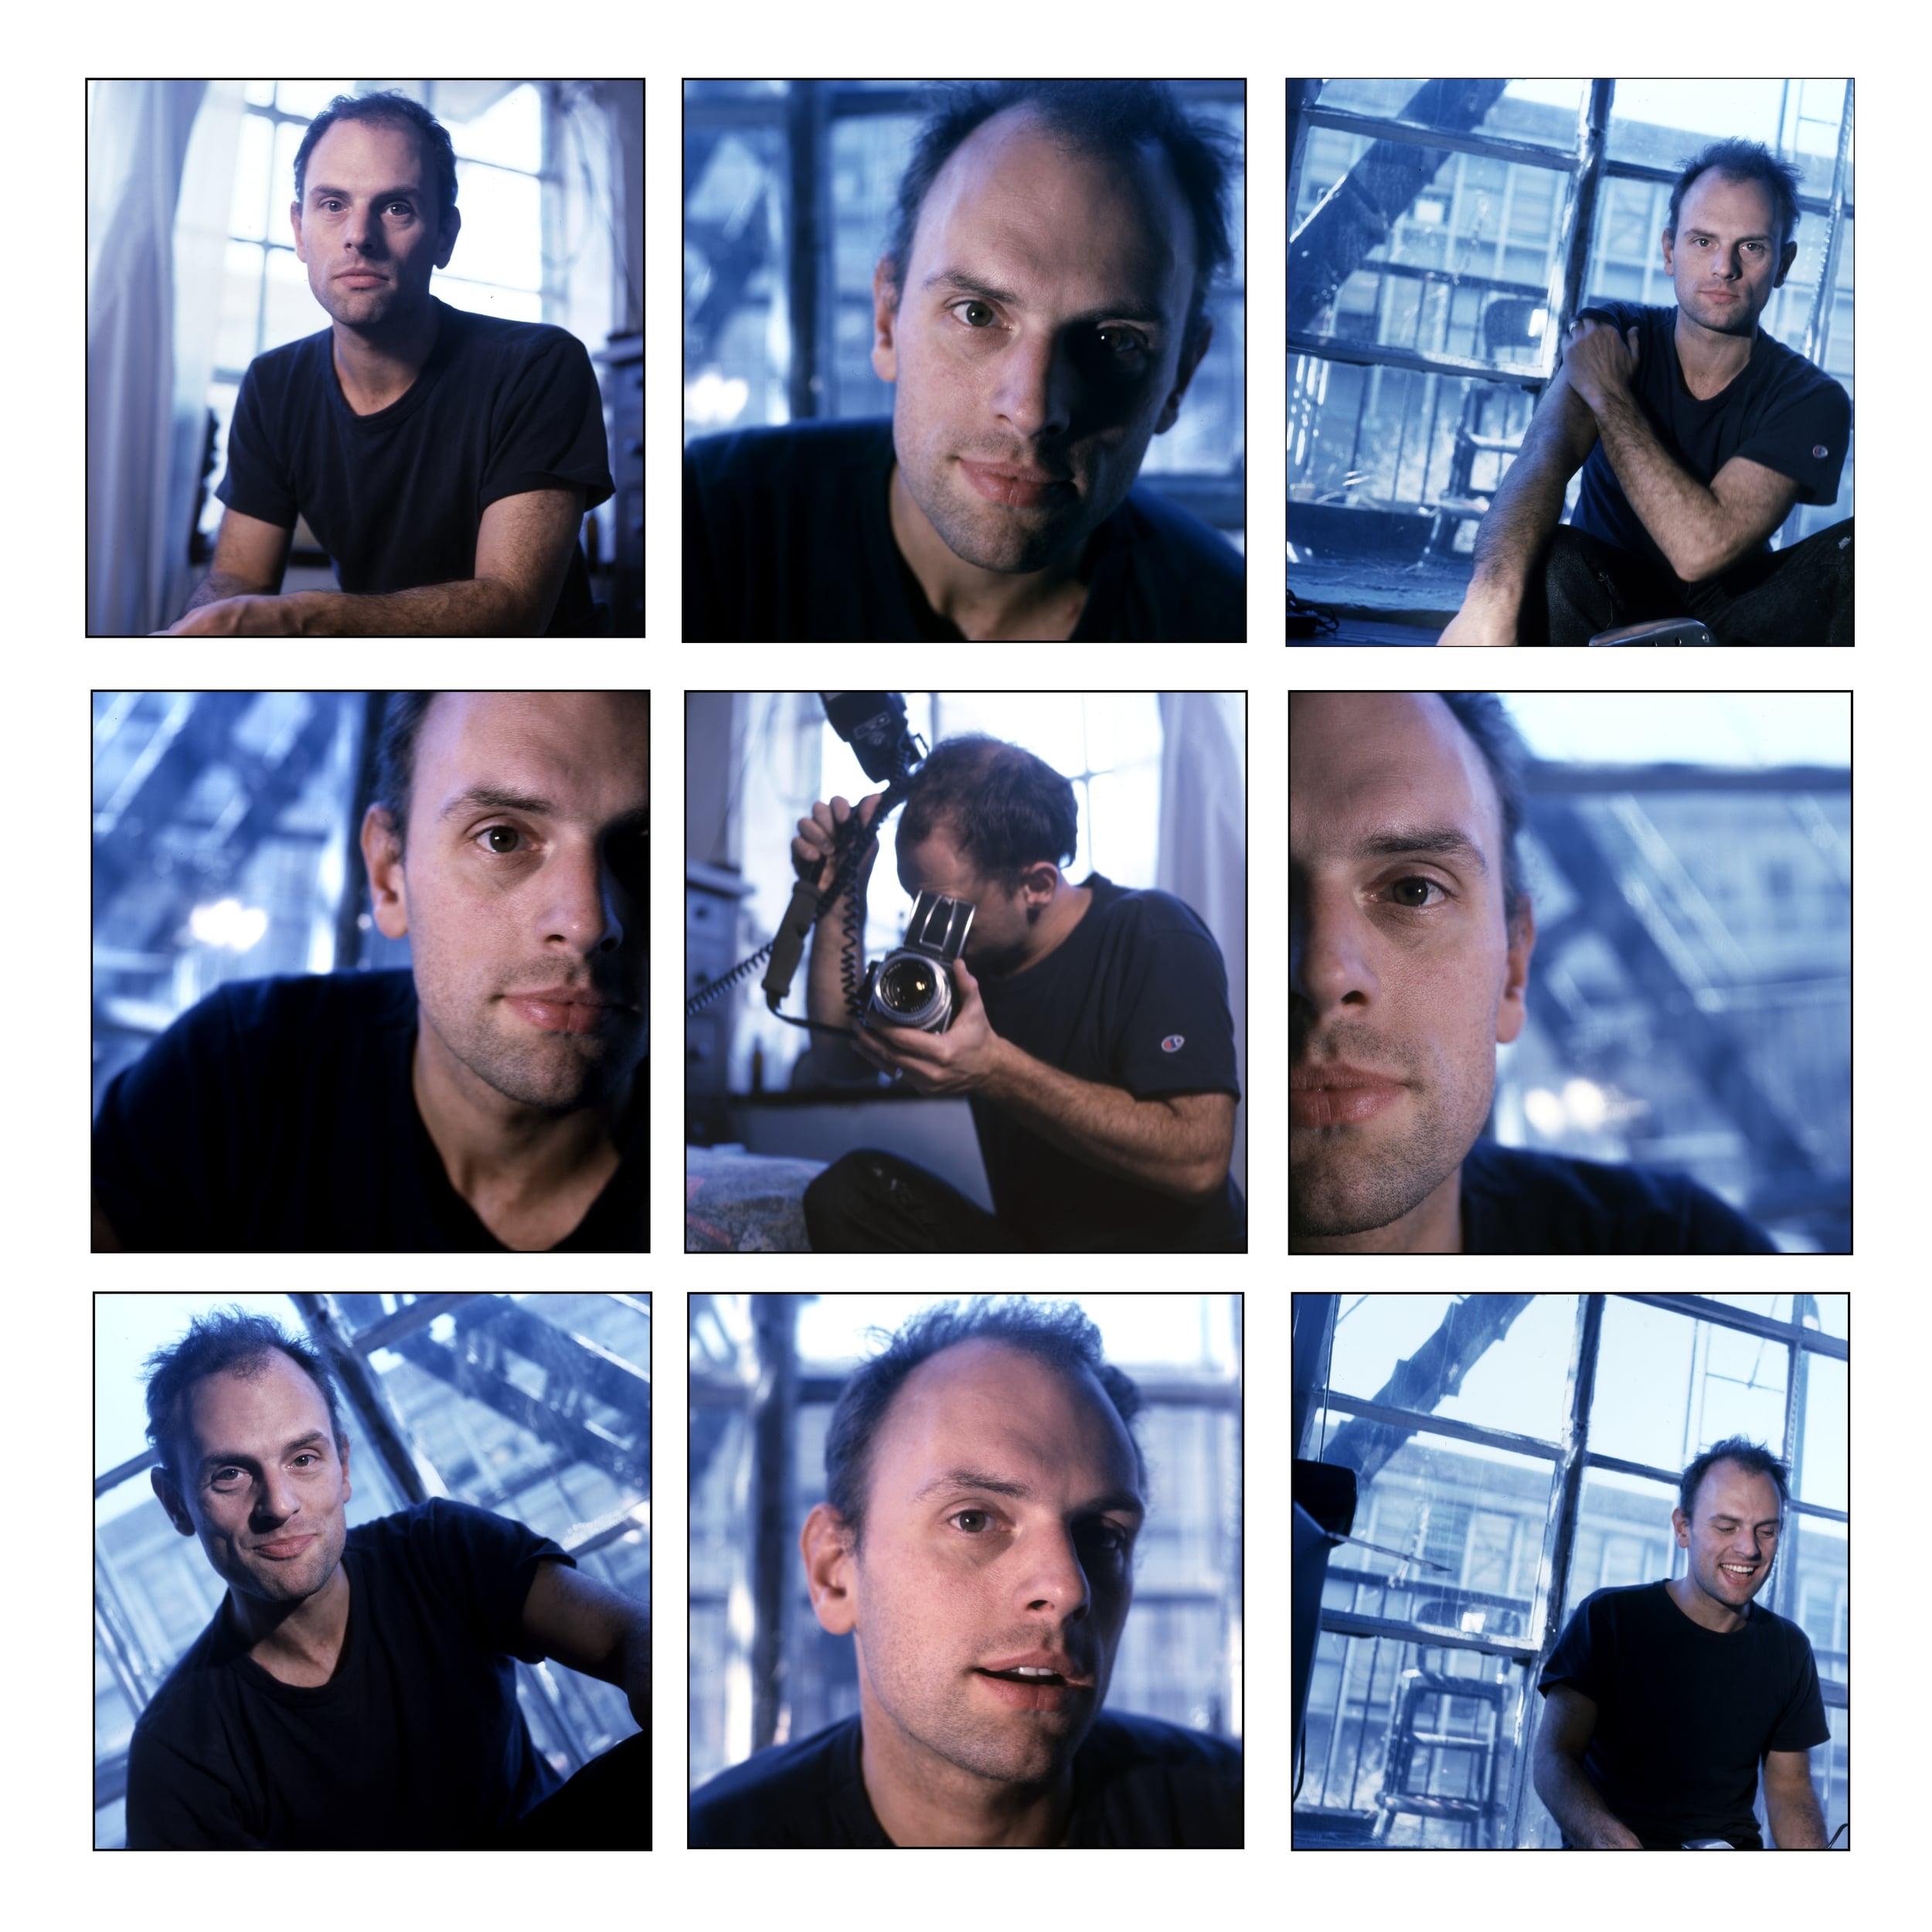 Brennan Cavanaugh, Photographer Circa 1998